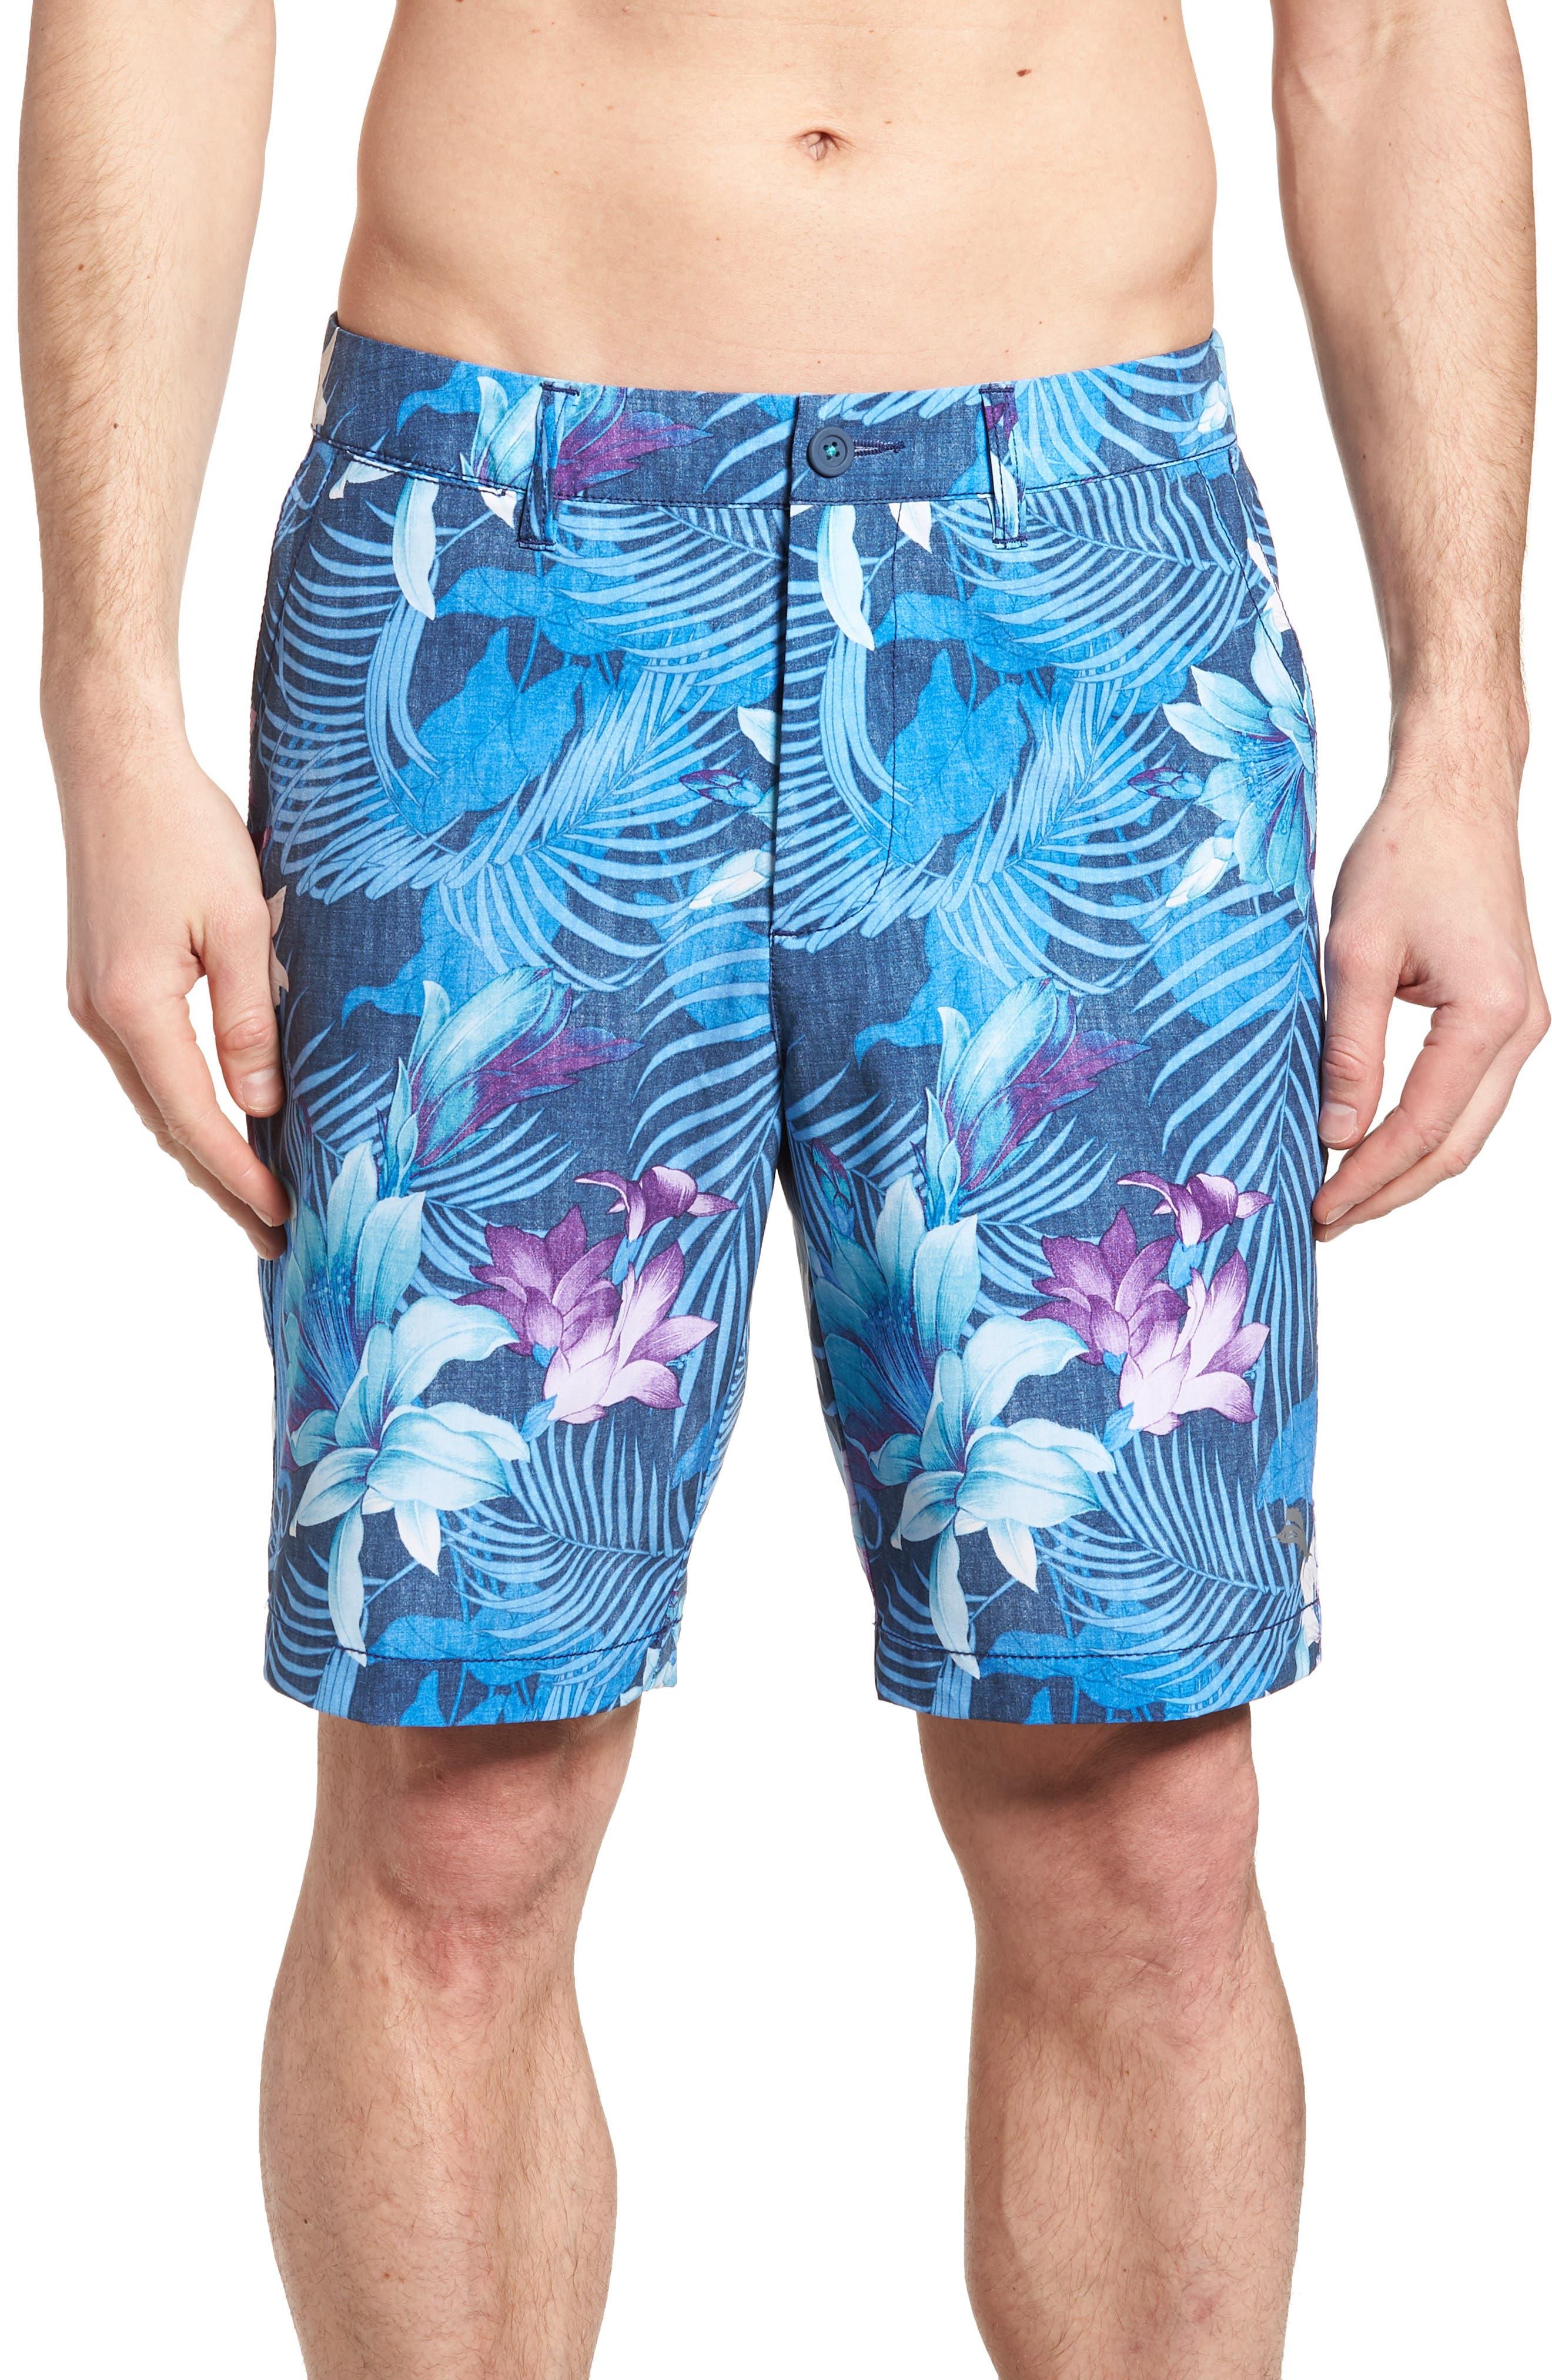 Cayman Laredo Blooms Board Shorts,                             Main thumbnail 1, color,                             400